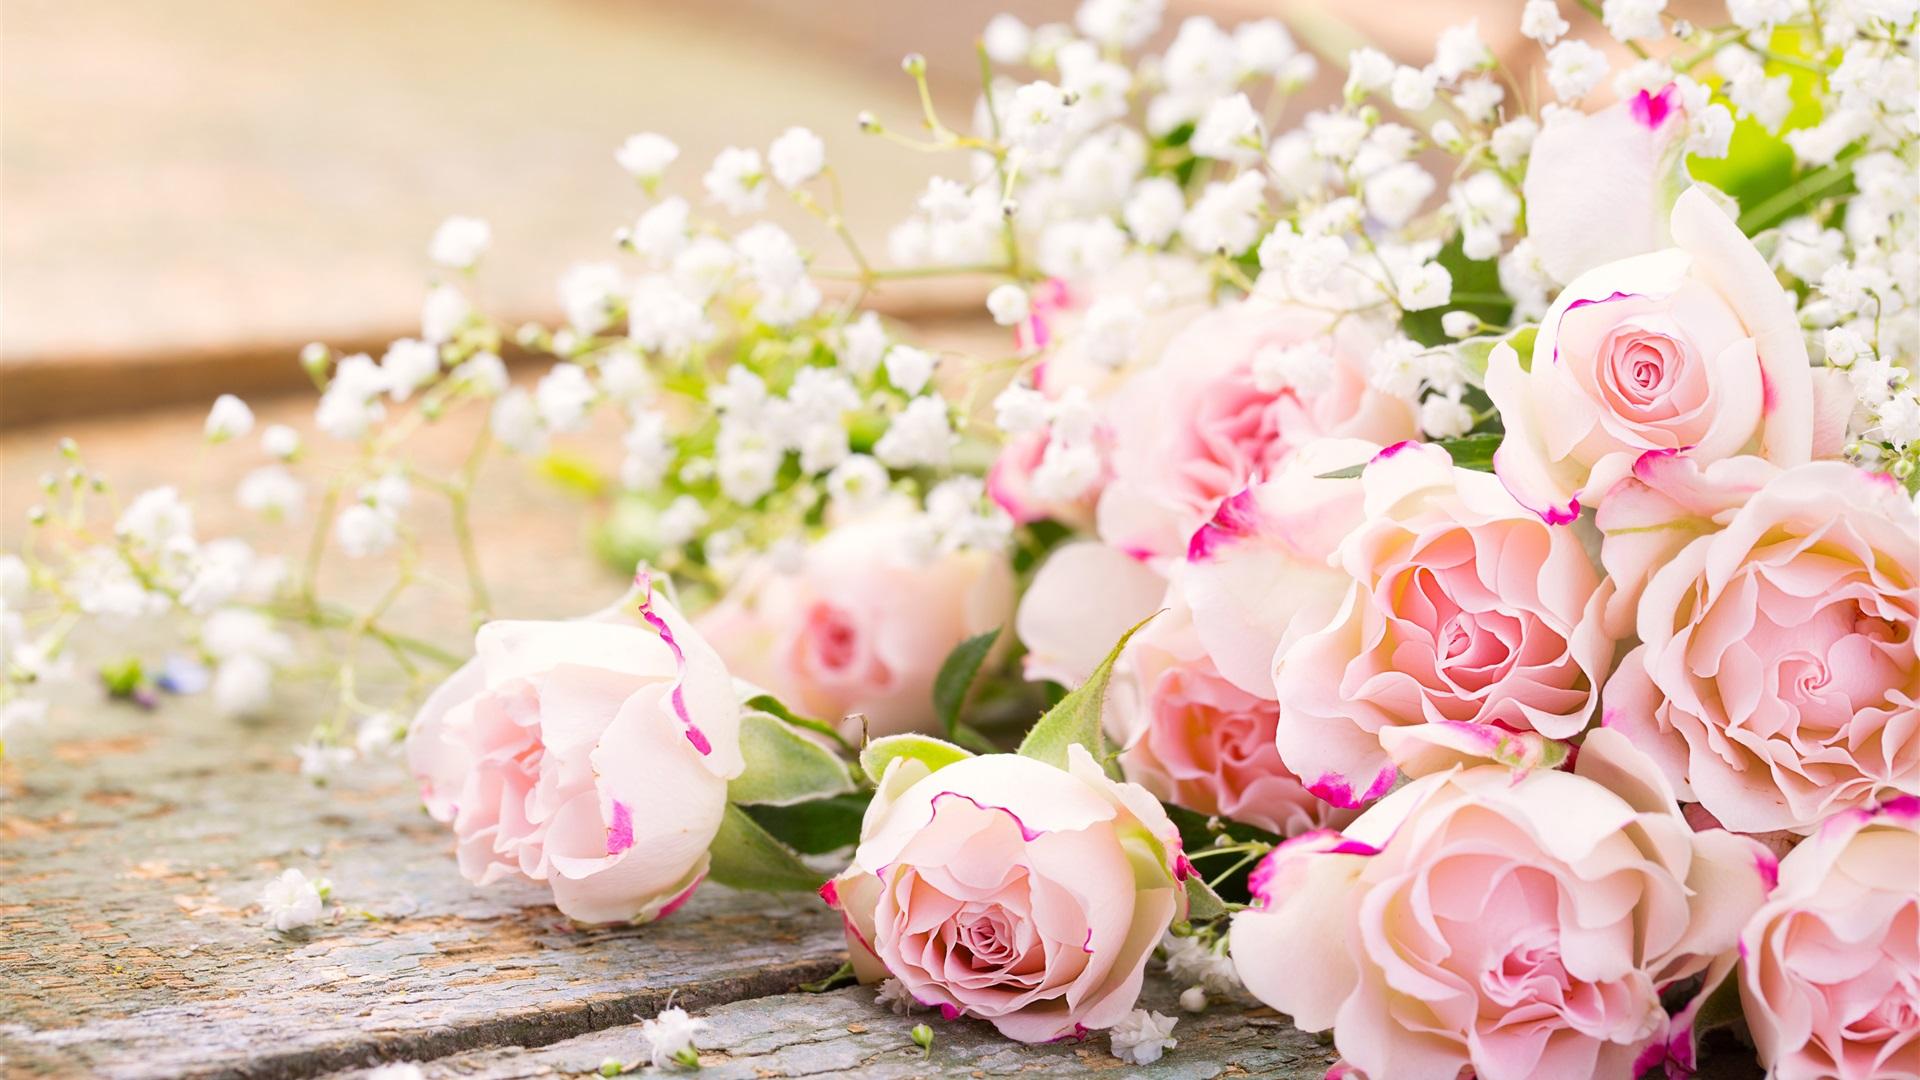 壁紙 ピンクのバラ 花 3840x2160 Uhd 4k 無料のデスクトップの背景 画像